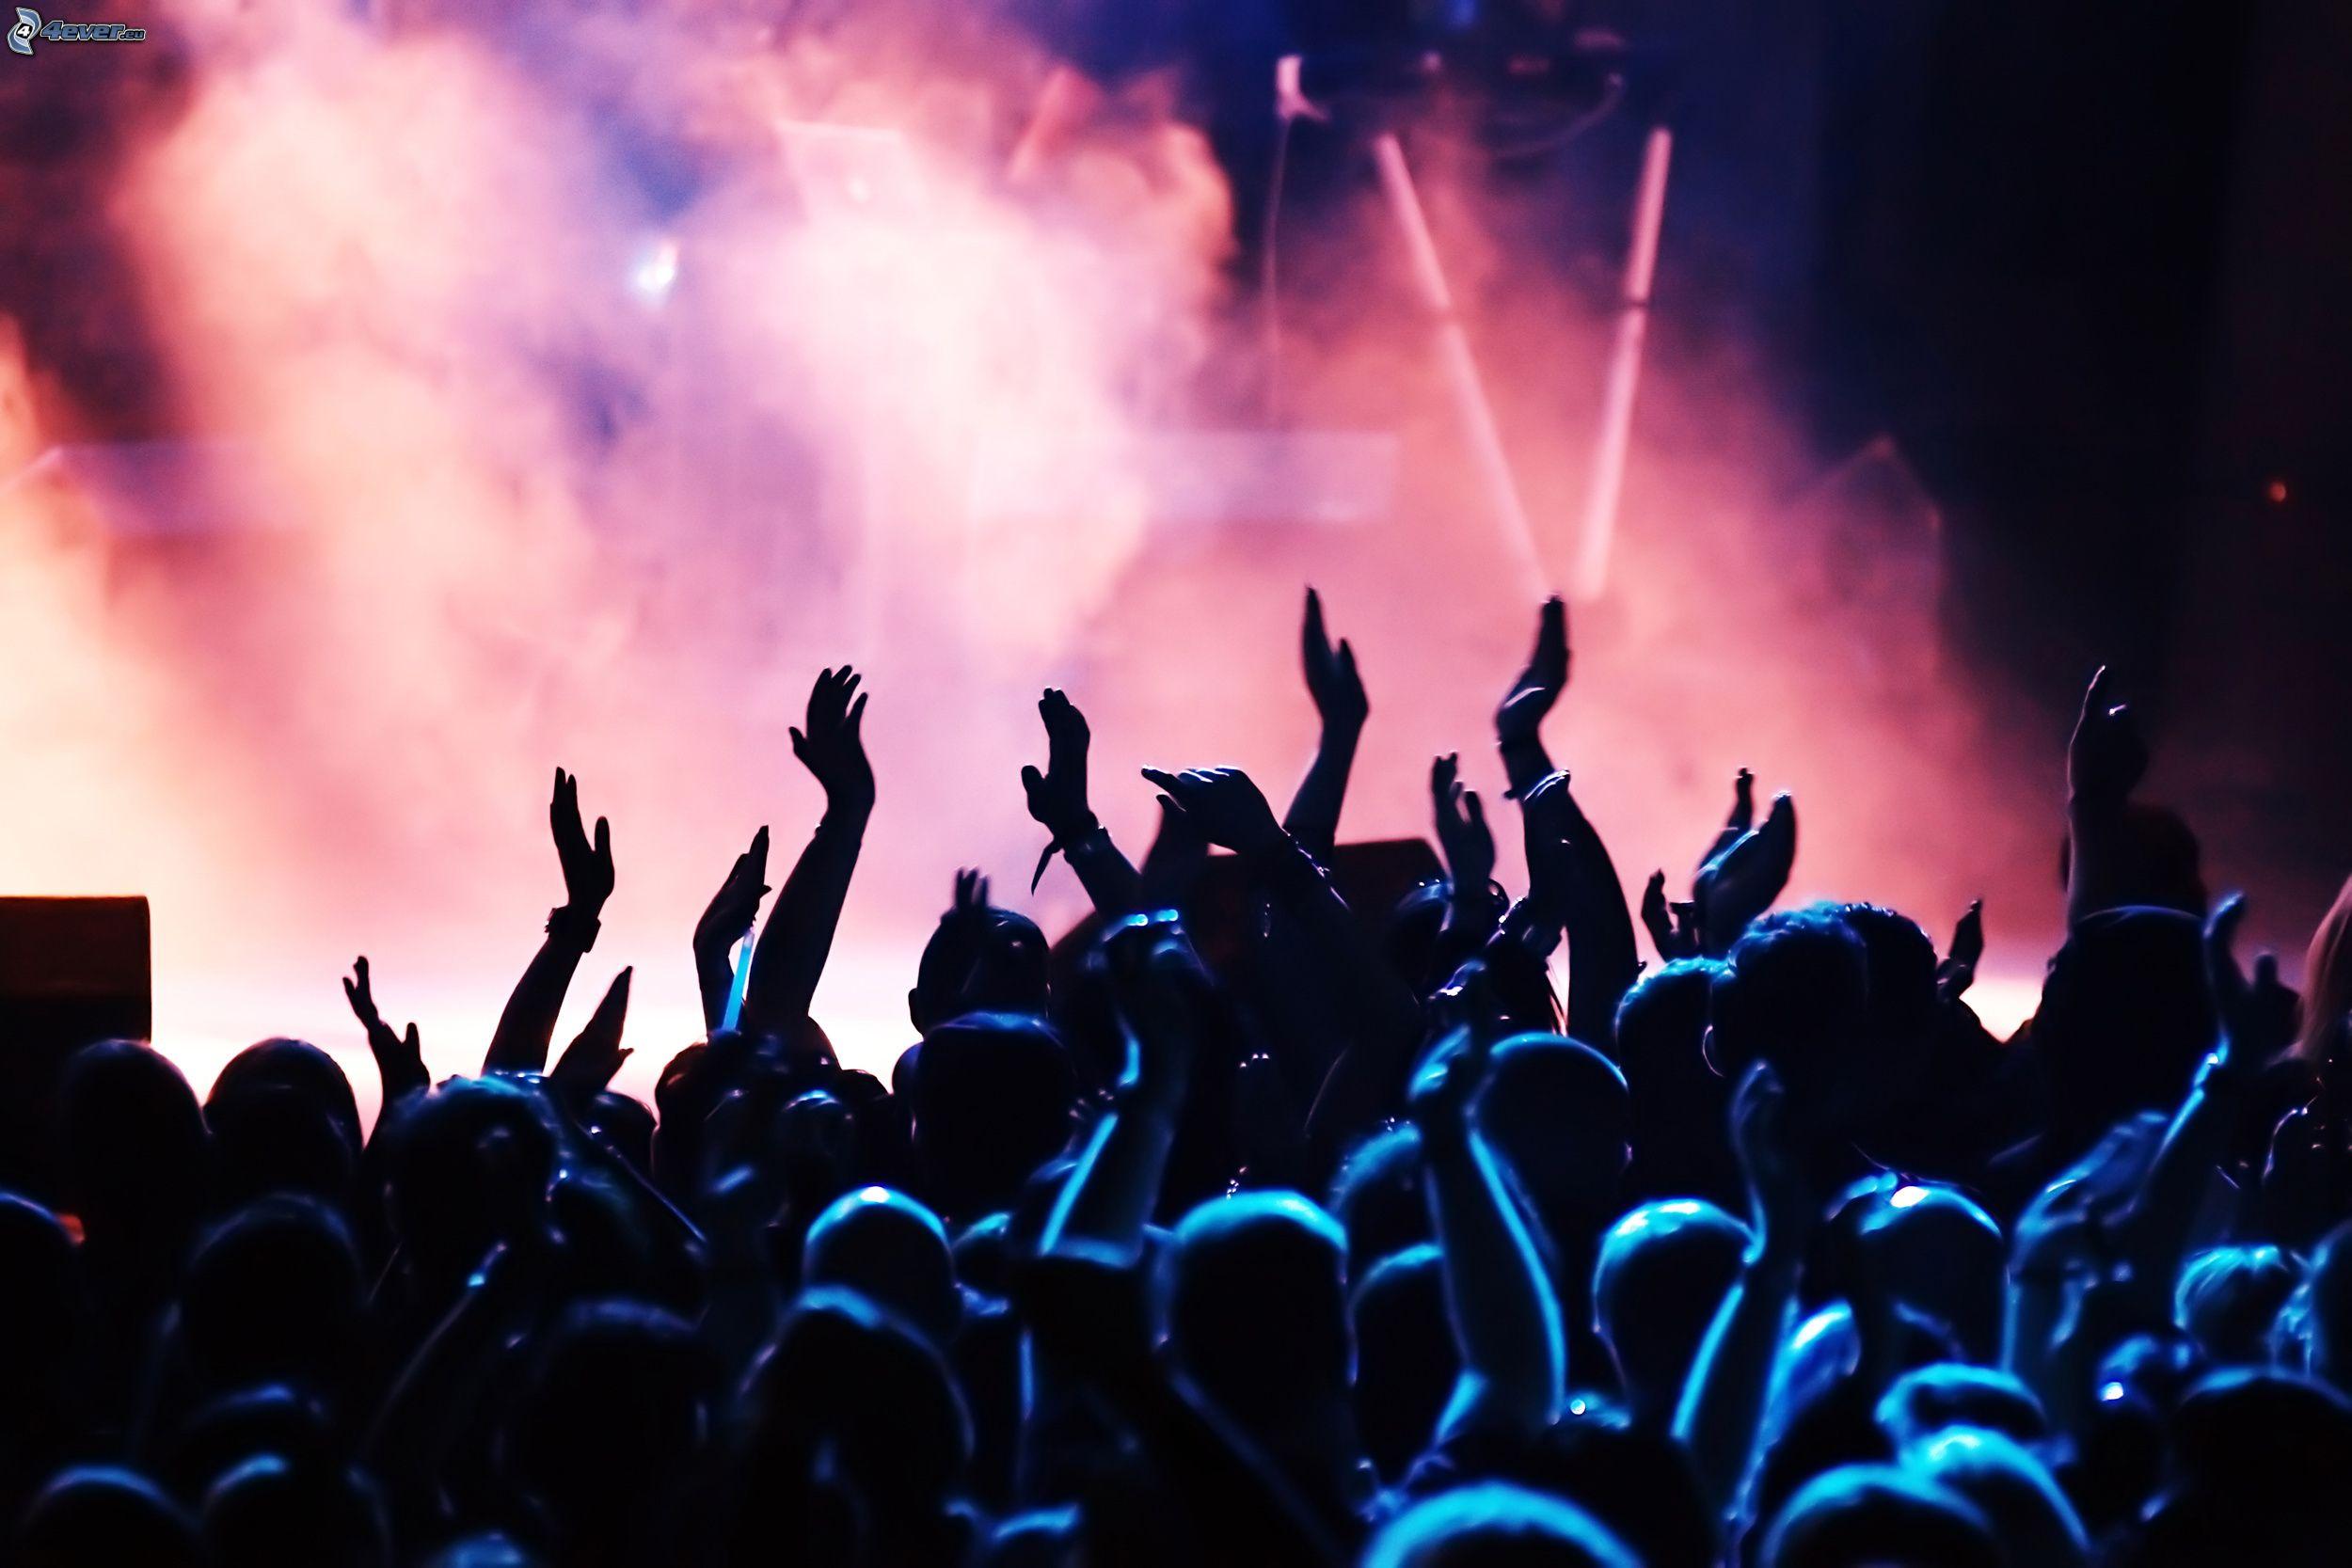 concierto-multitud-218464